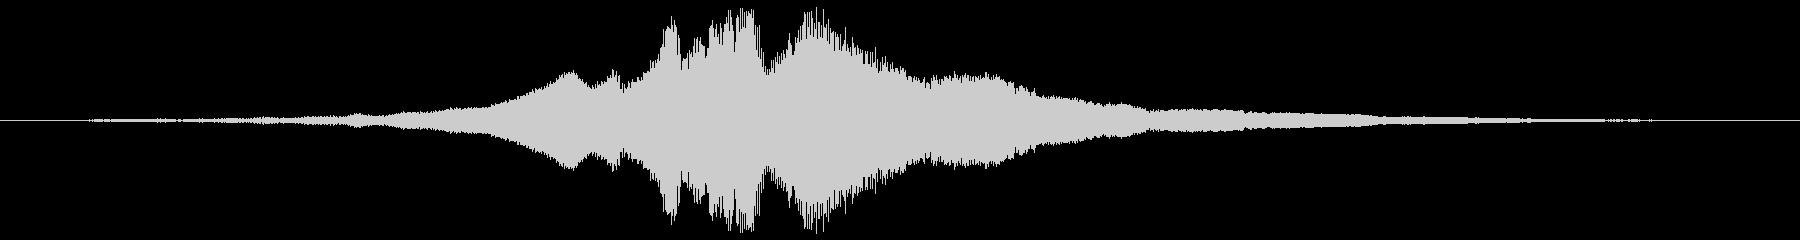 チューブスクイールスイープ1の未再生の波形